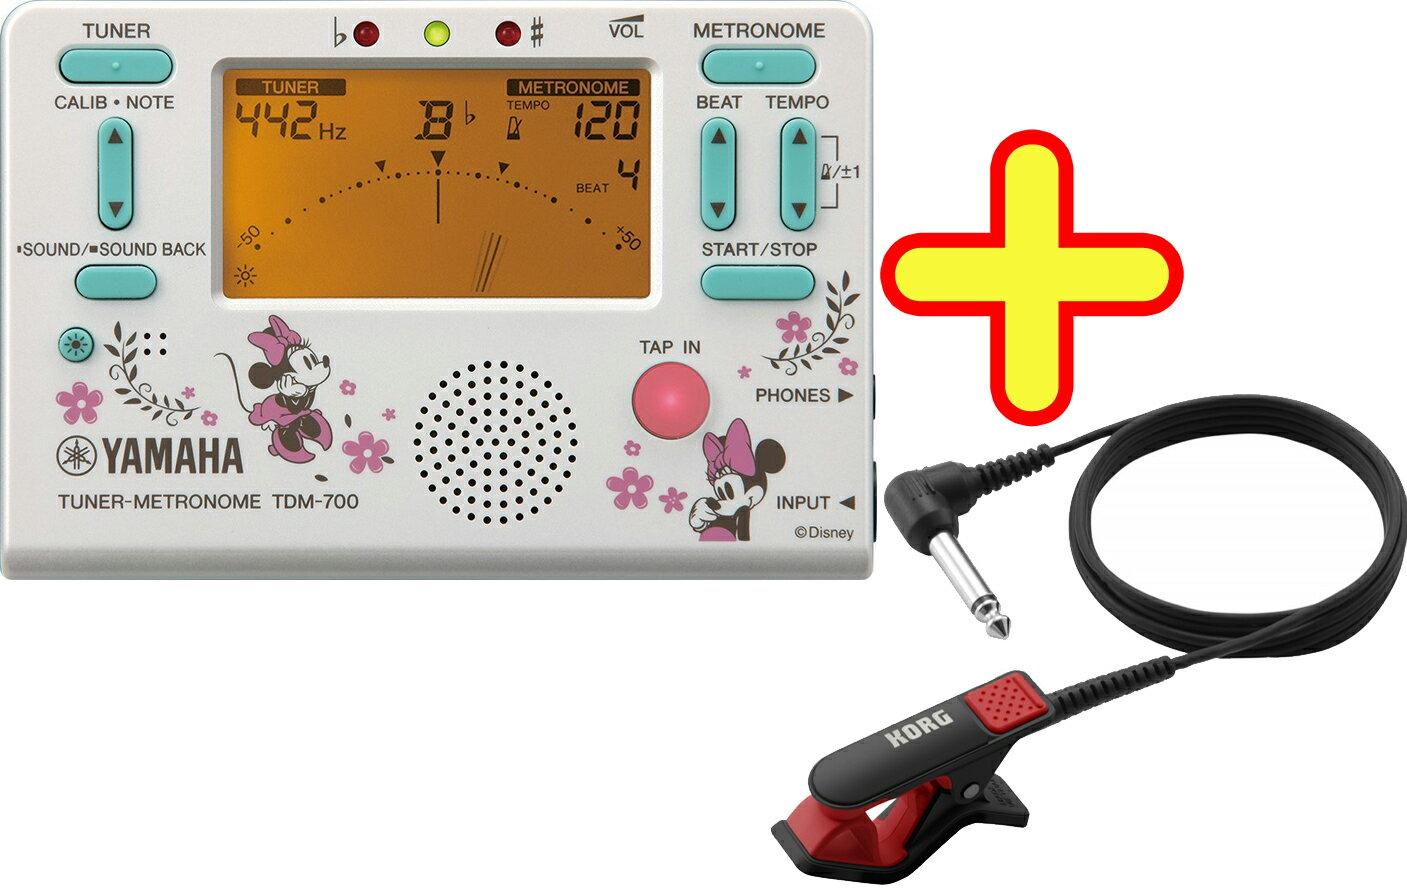 YAMAHA ( ヤマハ ) TDM-700DMN4 ミニーマウス チューナーメトロノーム クロマチックチューナー 管楽器 metronome tuner Disney CM-200 【 Minnie Mouse セット A】